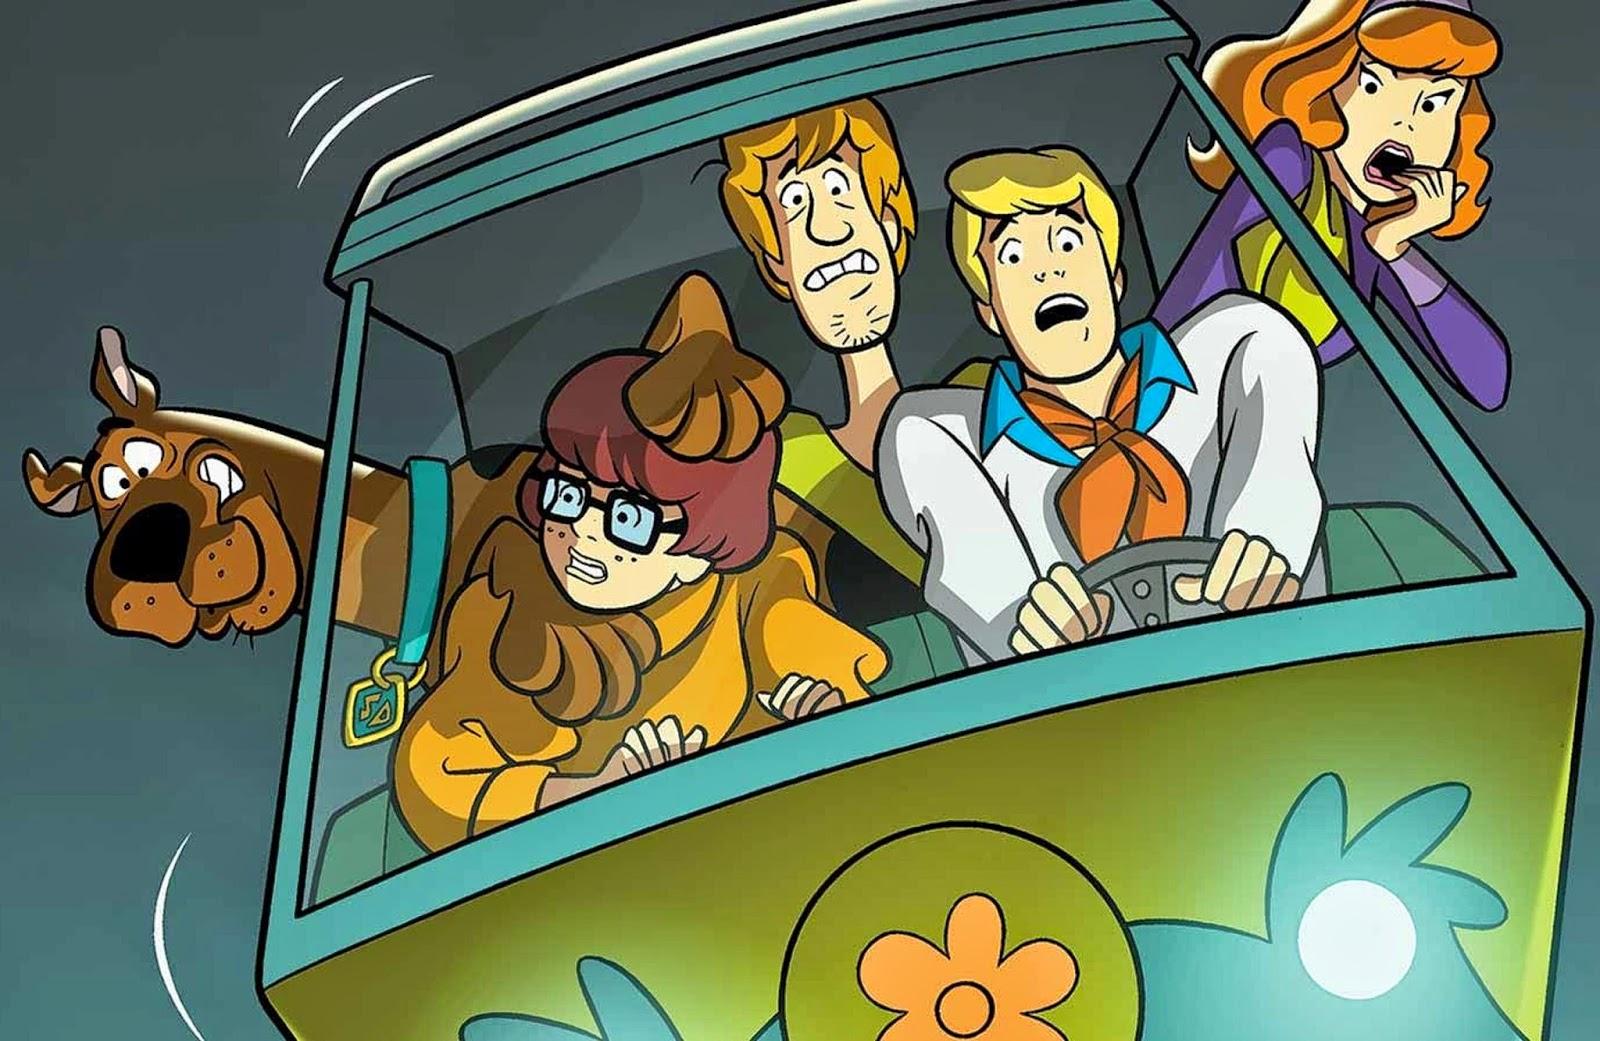 Cool Wallpaper Halloween Scooby Doo - Scooby%2BDoo%2B2  Snapshot_3853.jpg